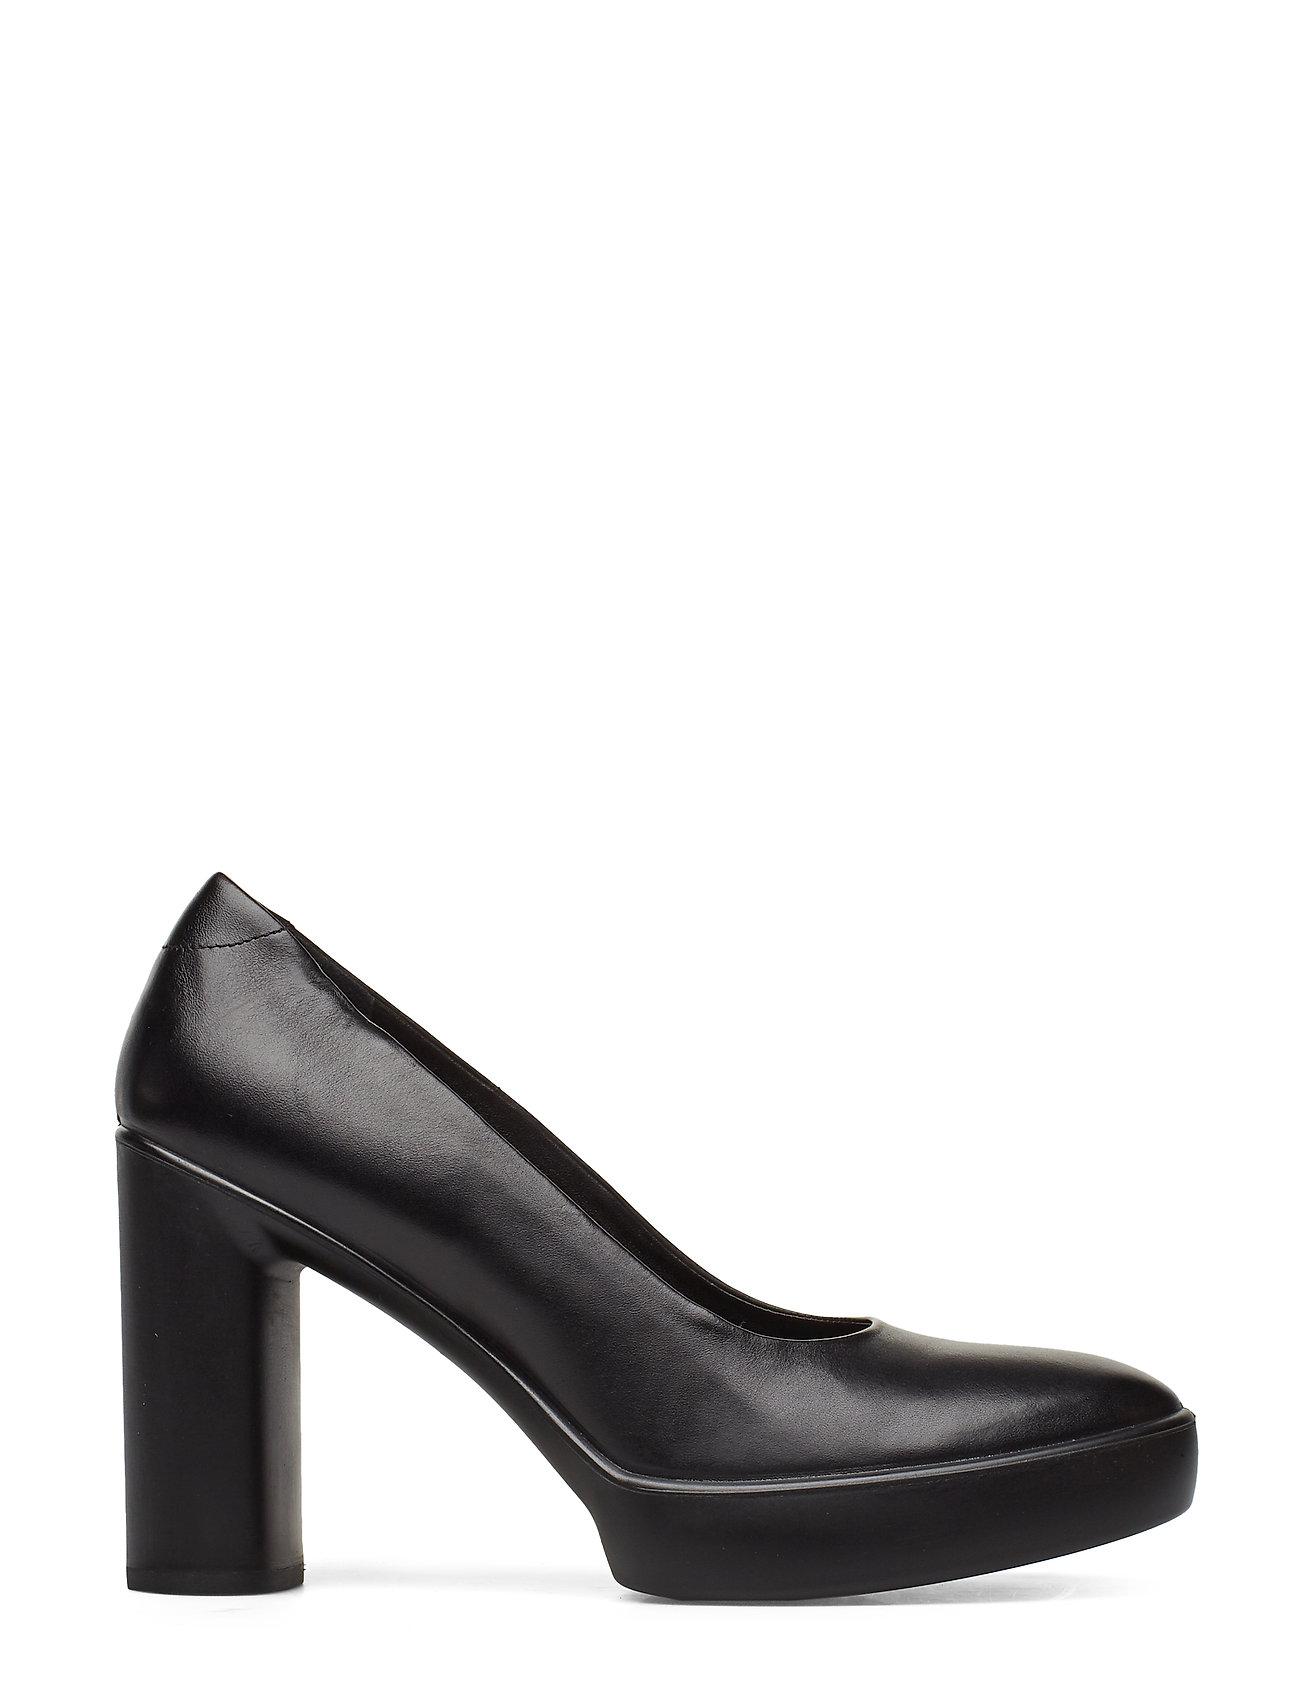 Shape Sculpted Motion 75 Shoes Heels Pumps Classic Sort ECCO